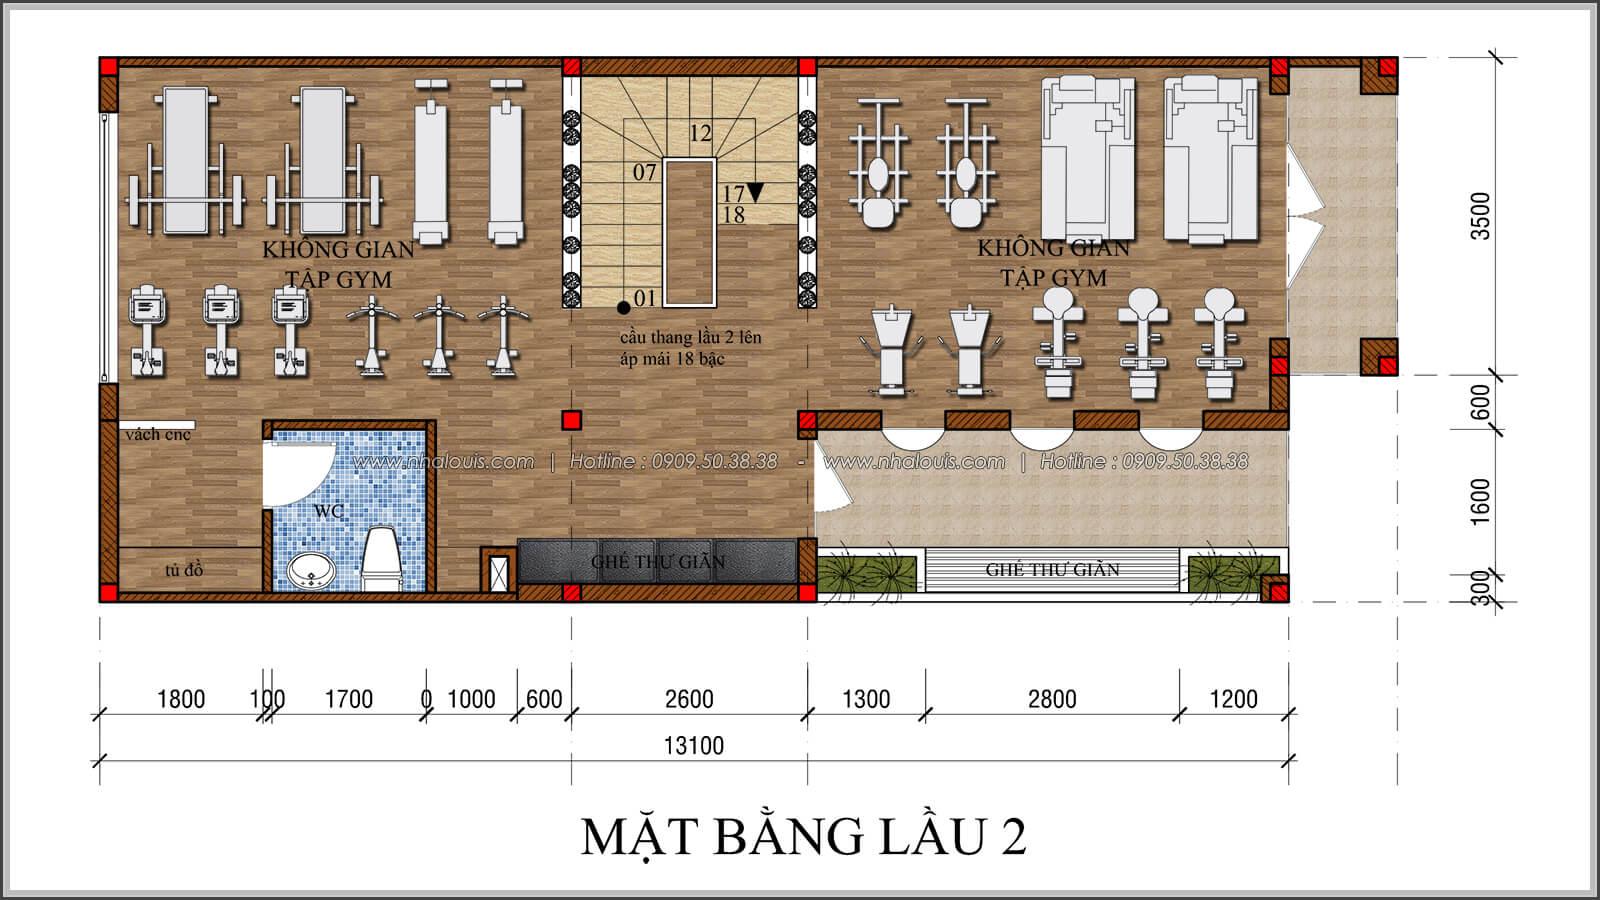 mặt bằng lầu 2 thiết kế quán cafe đơn giản từ nhà phố 3 tầng tại Bình Chánh - 22